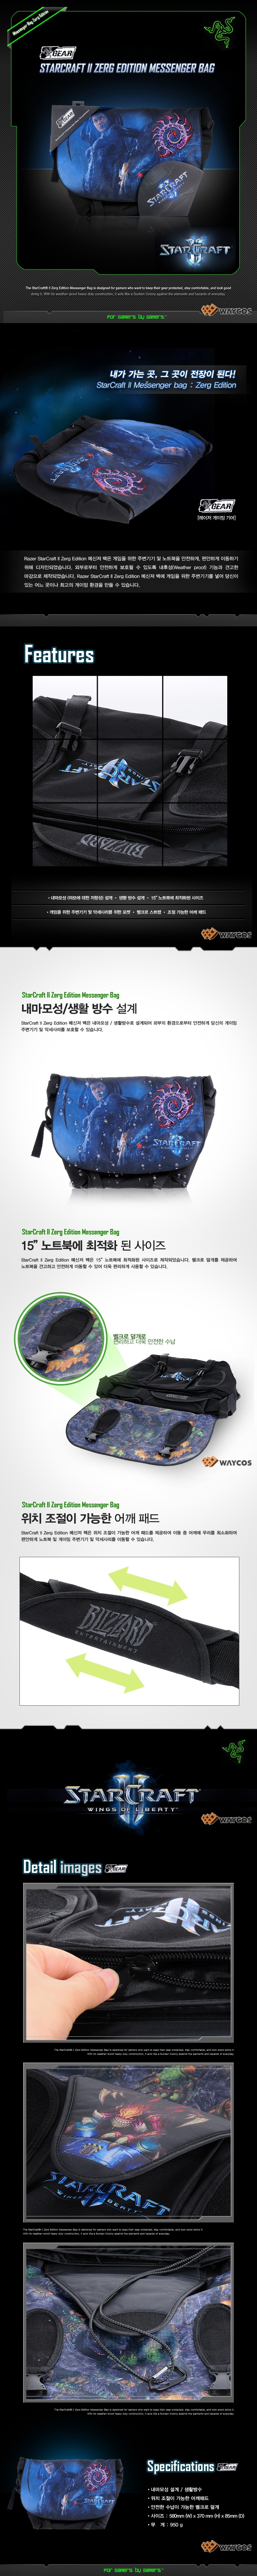 Waycos Razer Starcraft 2 Sling Bag